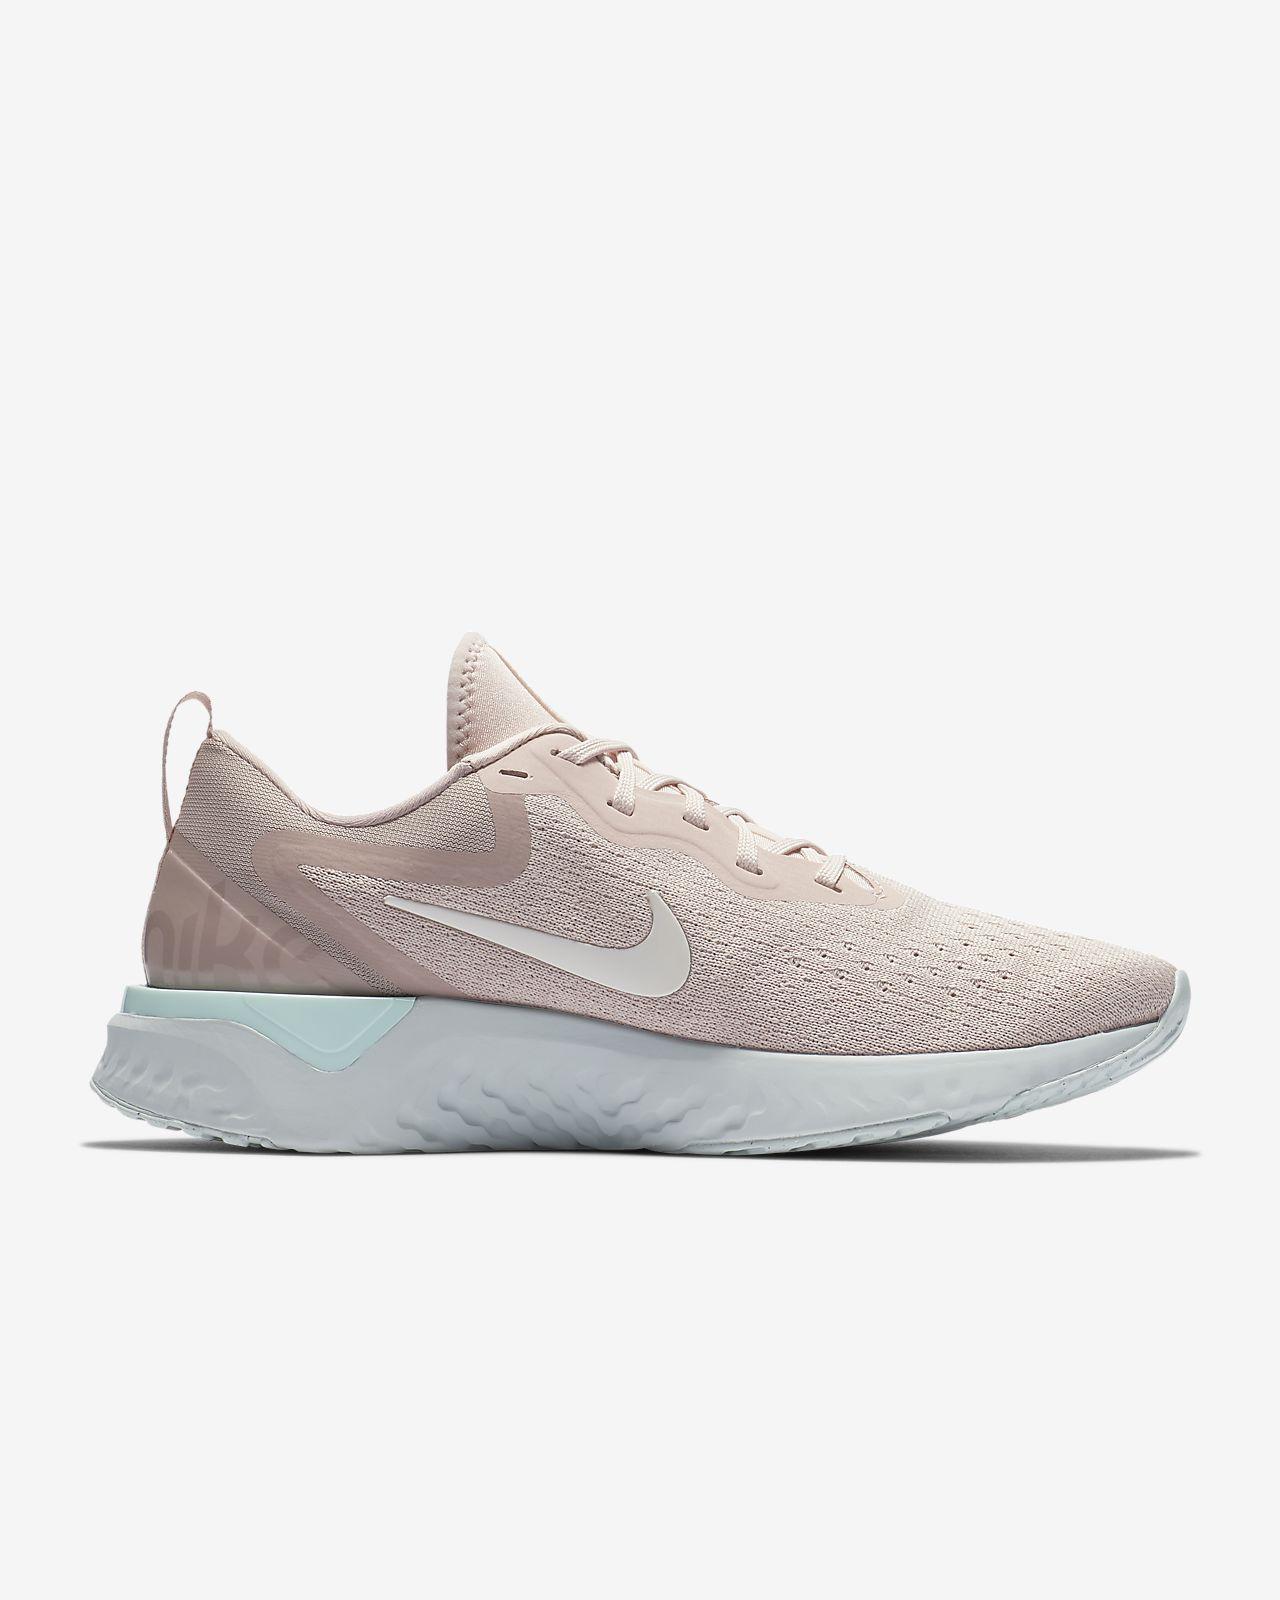 c143e8d469d33 Nike Odyssey React Women s Running Shoe. Nike.com MY